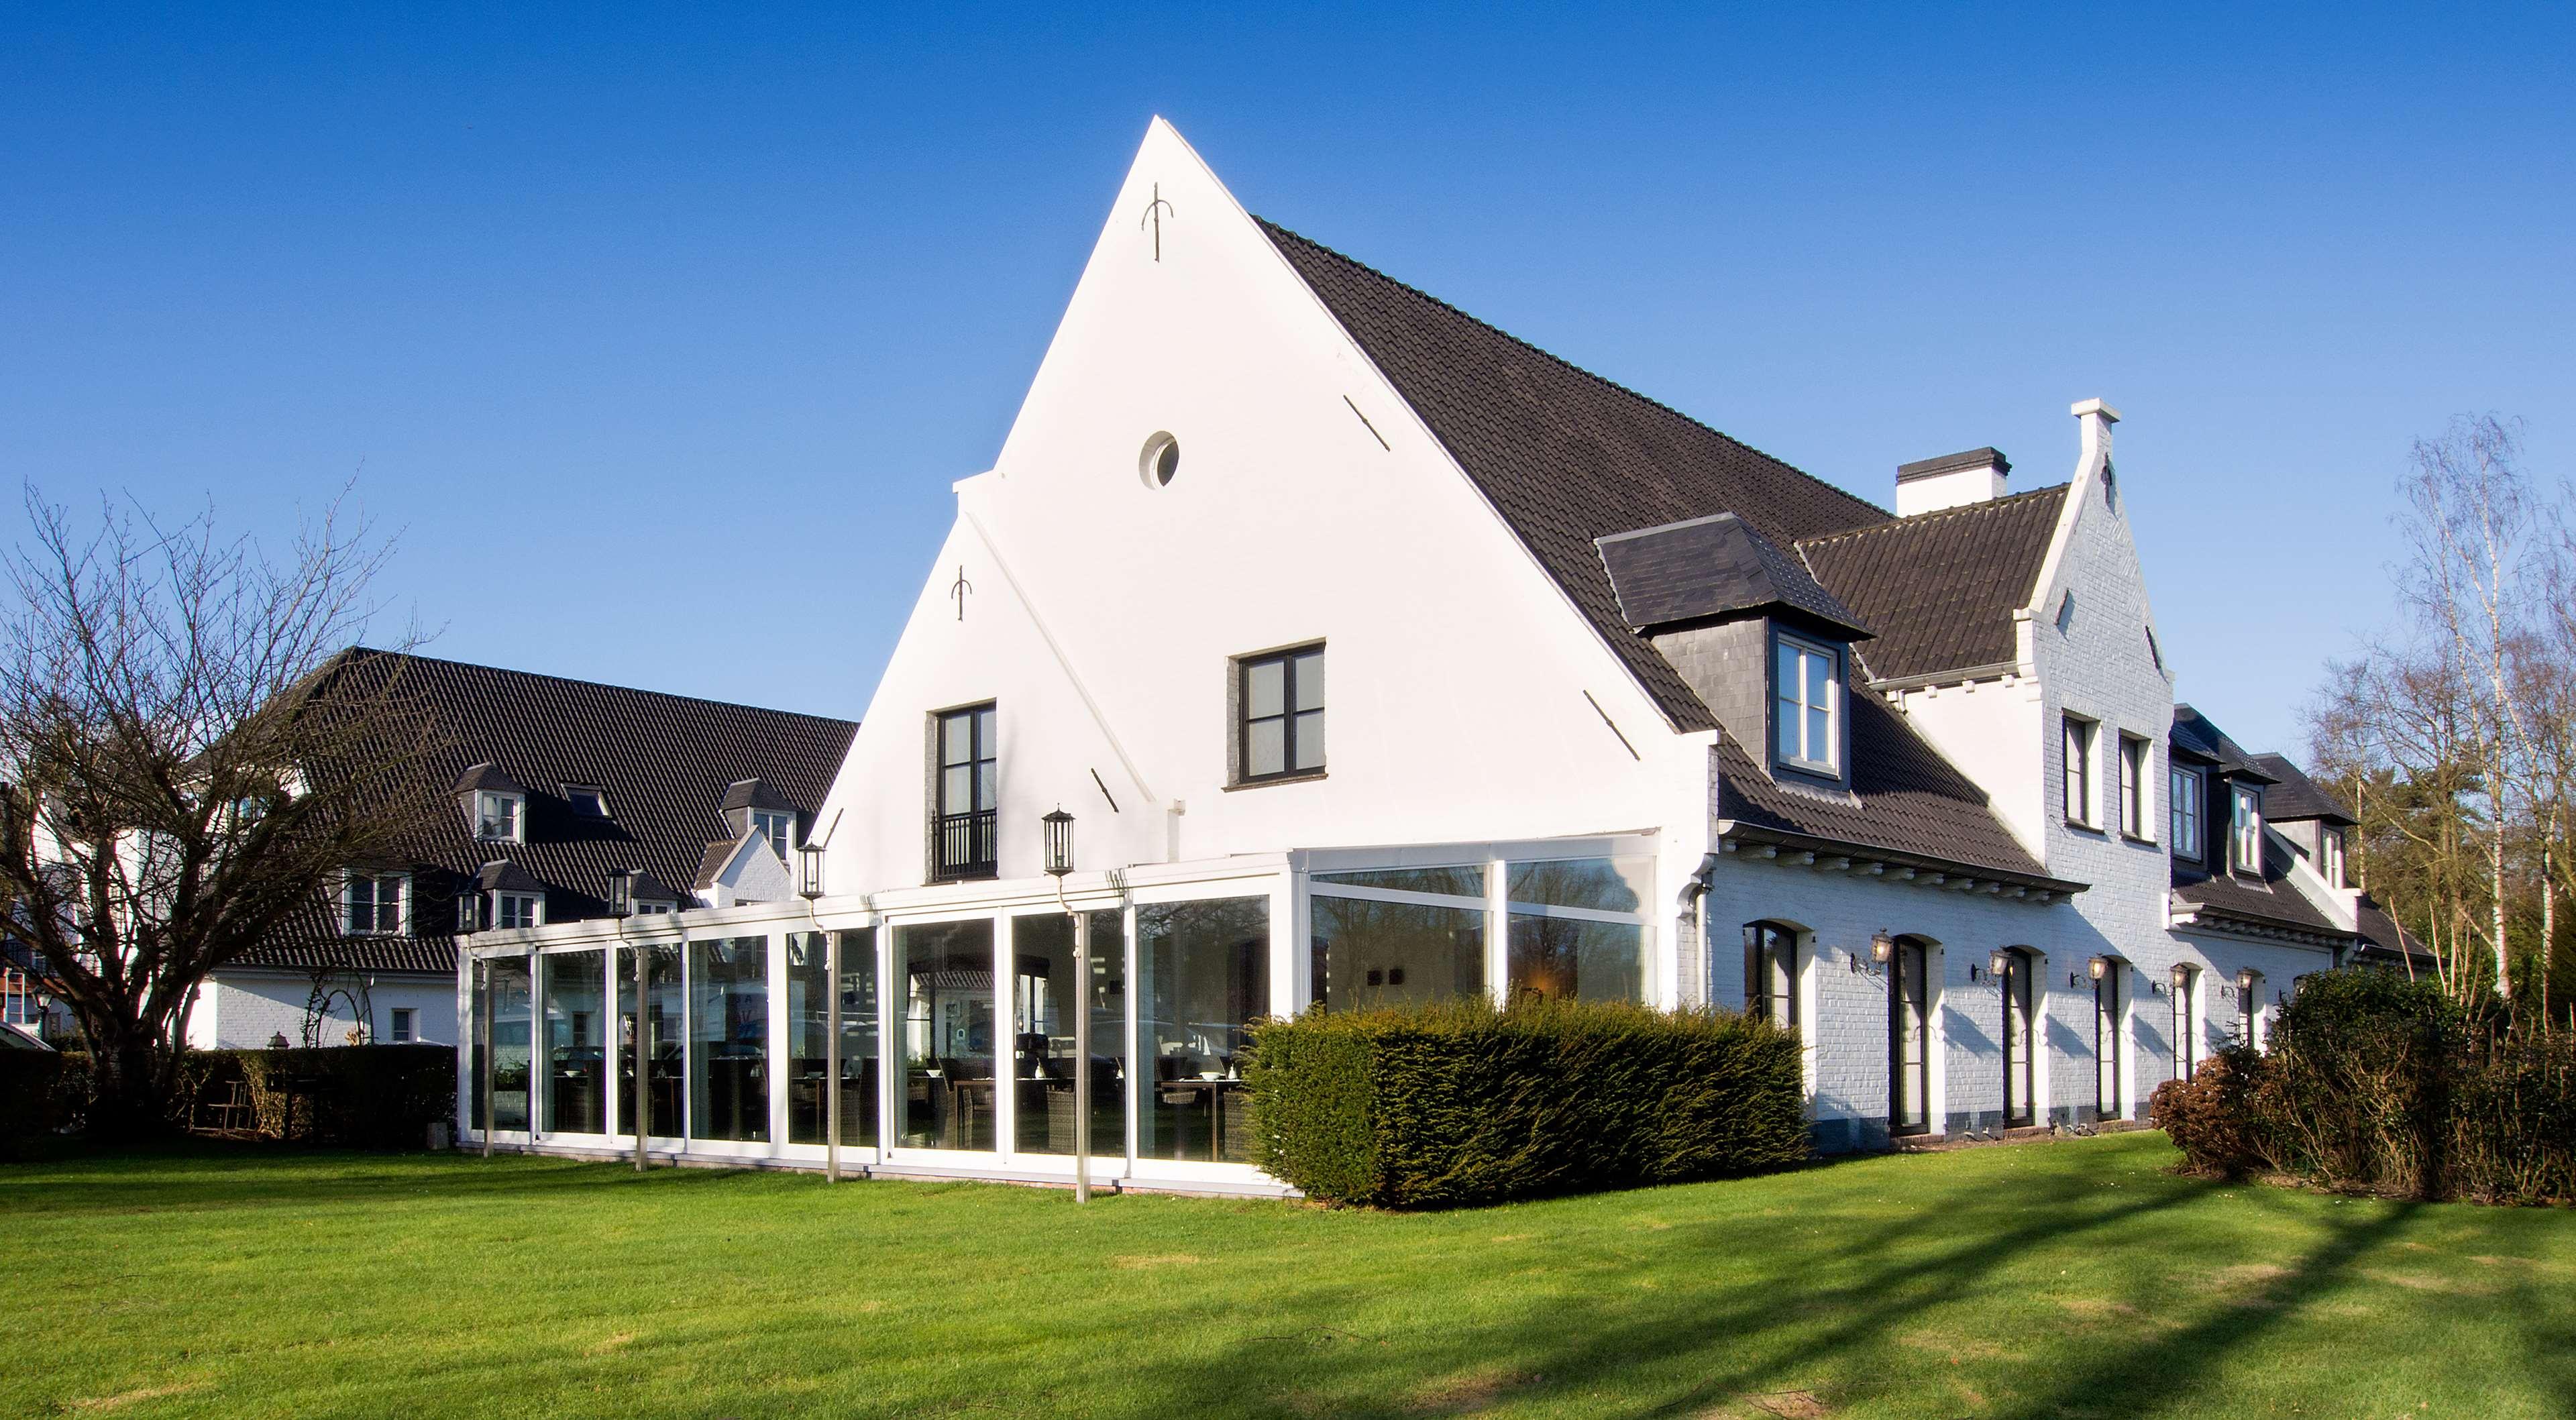 Hotel Weinebrugge, BW Premier Collection